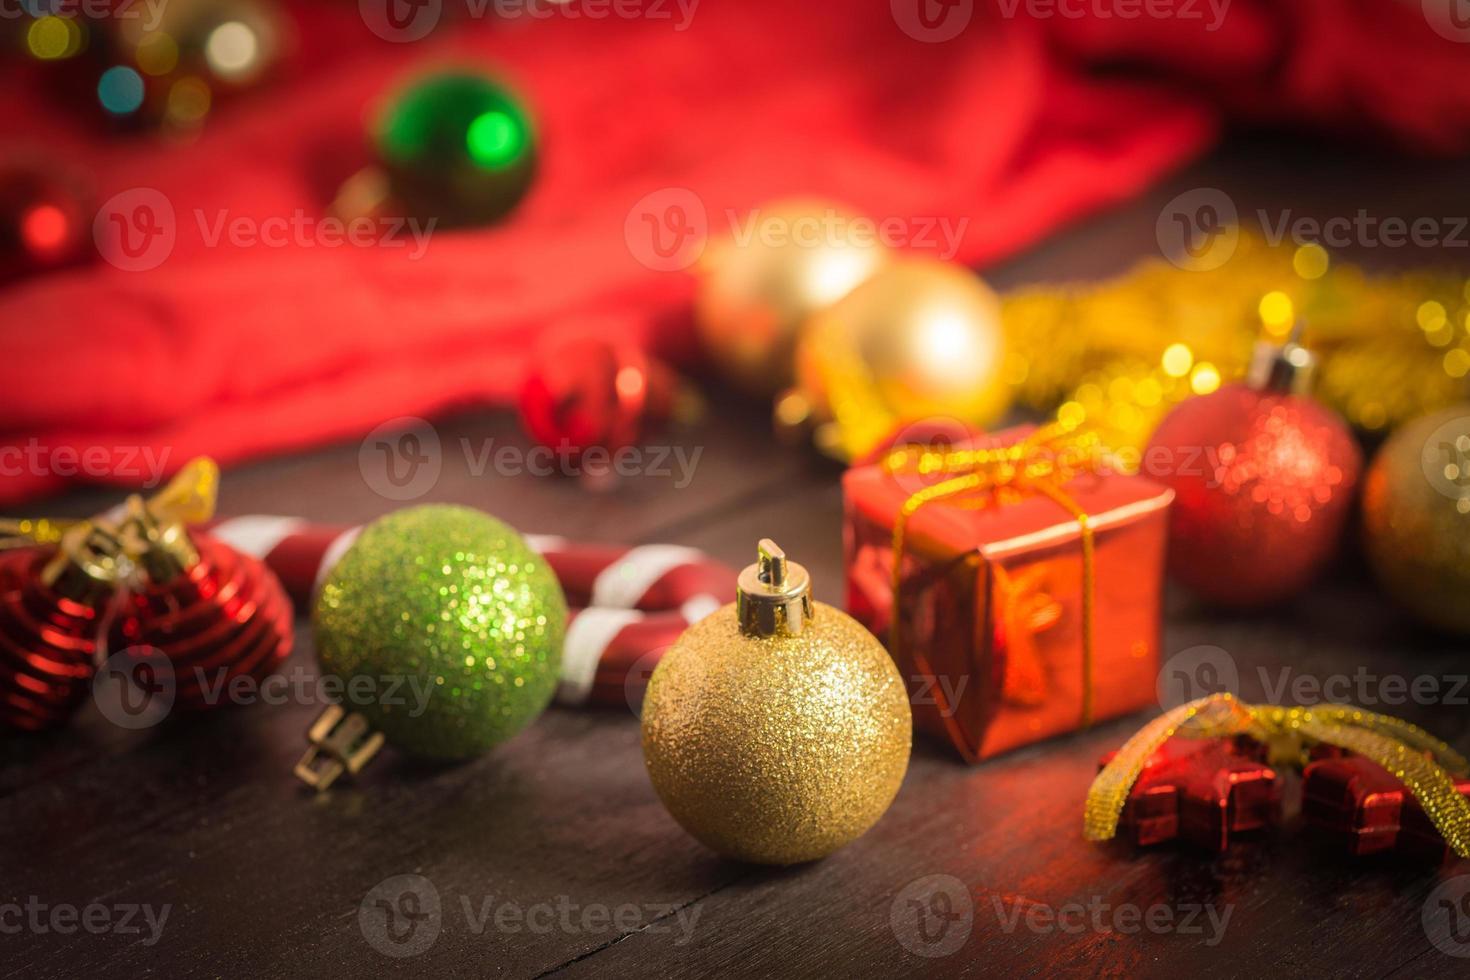 Kerst achtergrond rood ornament, gouden geschenkdoos, bessen foto